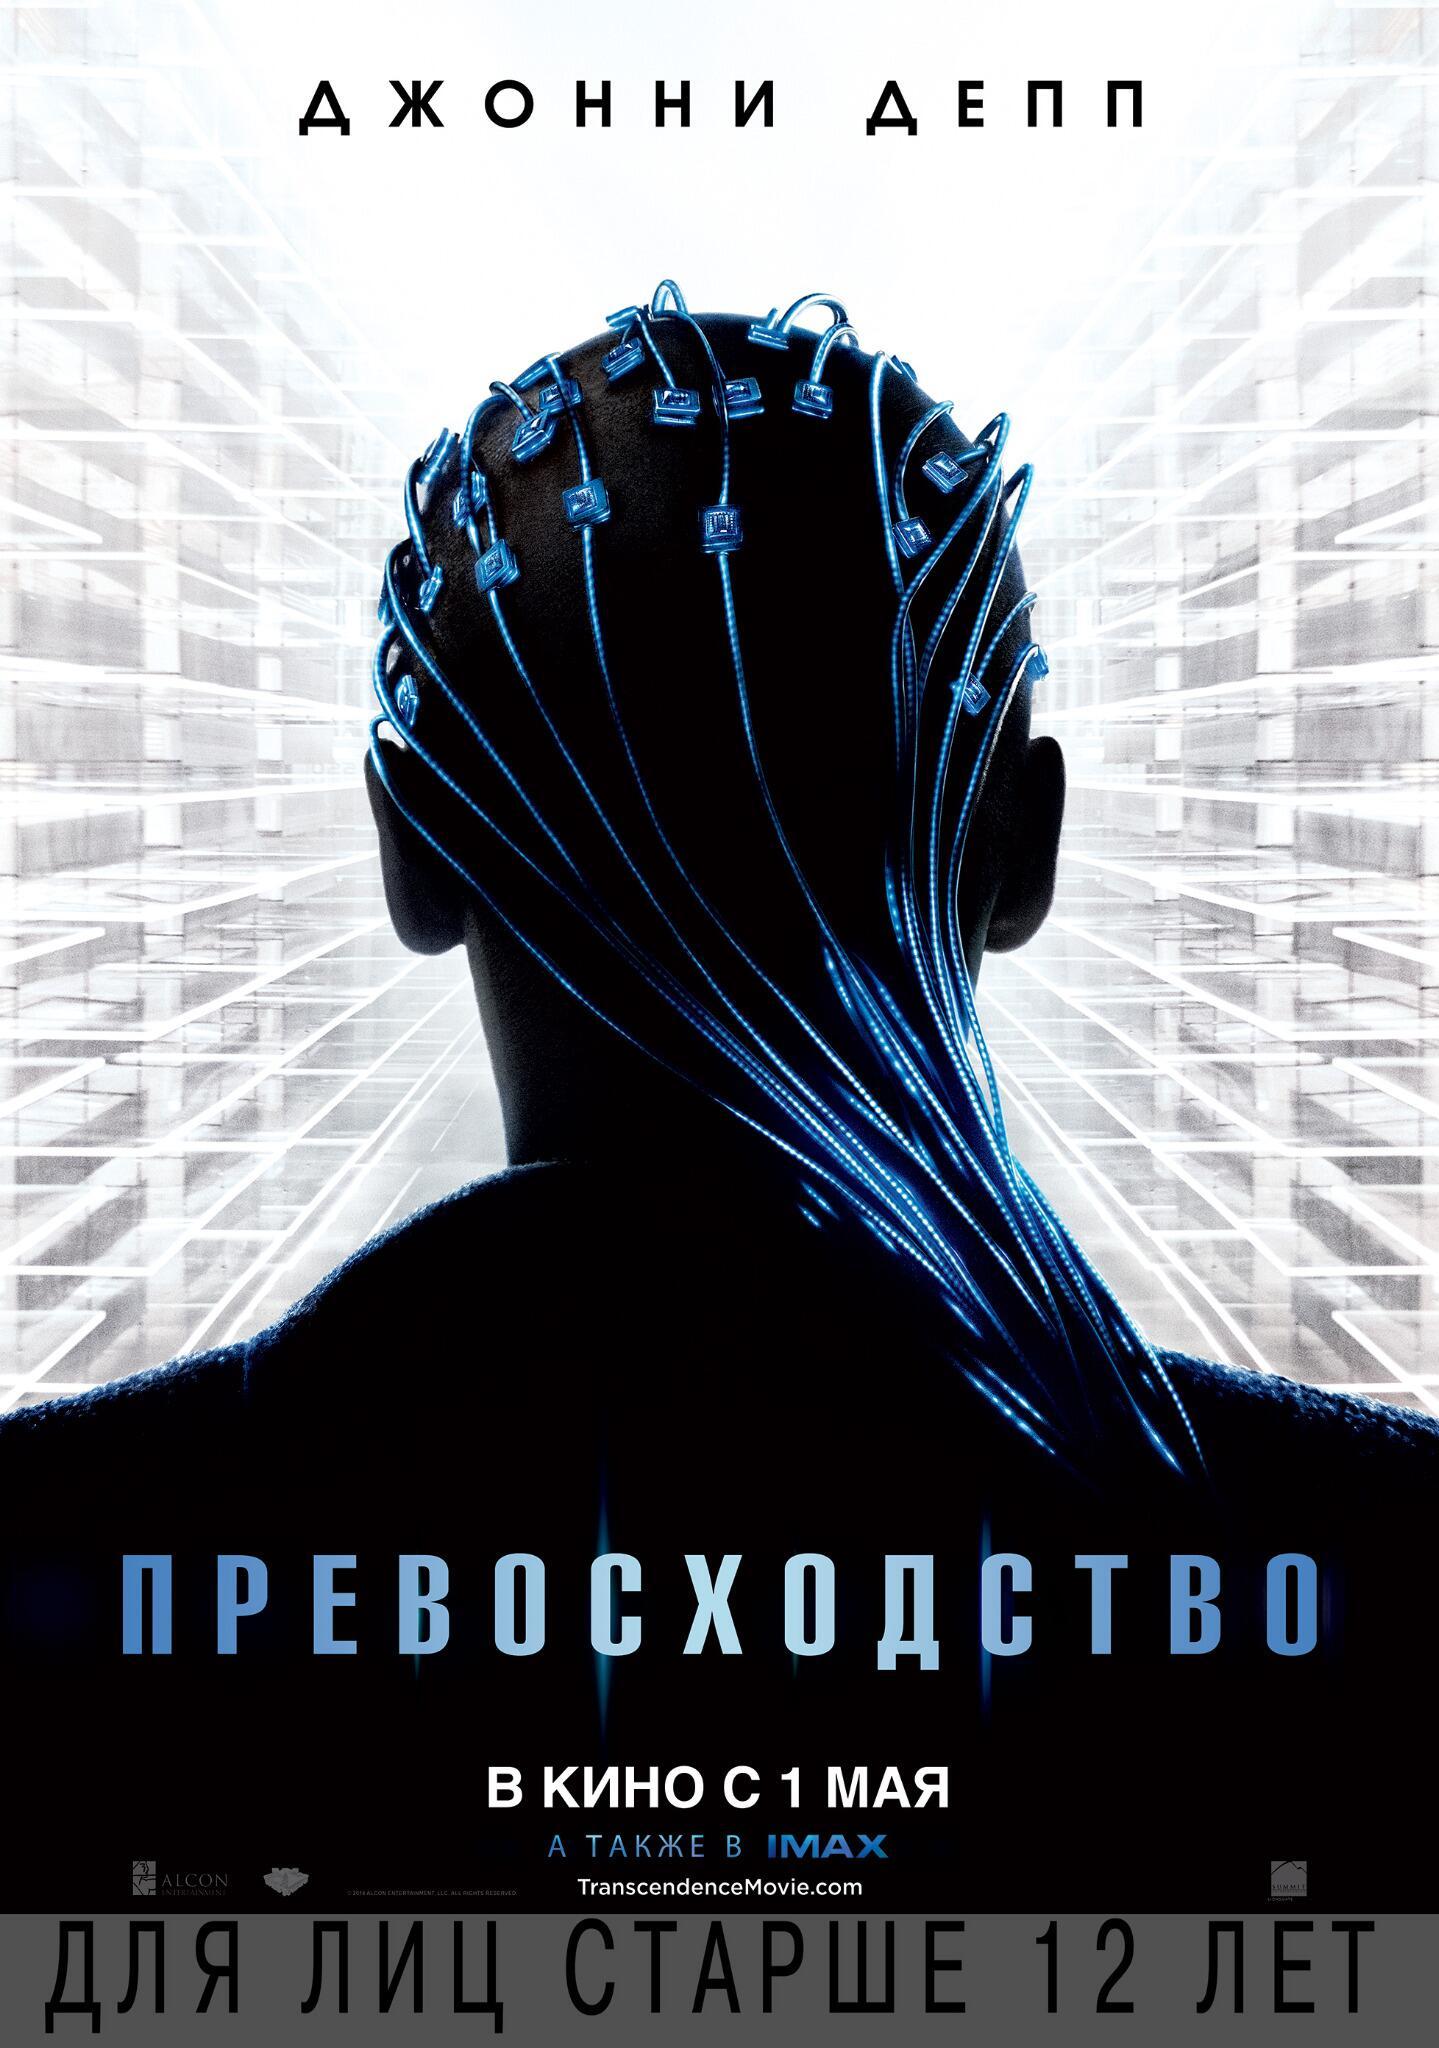 """У """"Превосходства"""" Уолли Пфистера появился русский постер. В прокате кино будет уже с первого мая http://t.co/xCc6r9RWqn"""